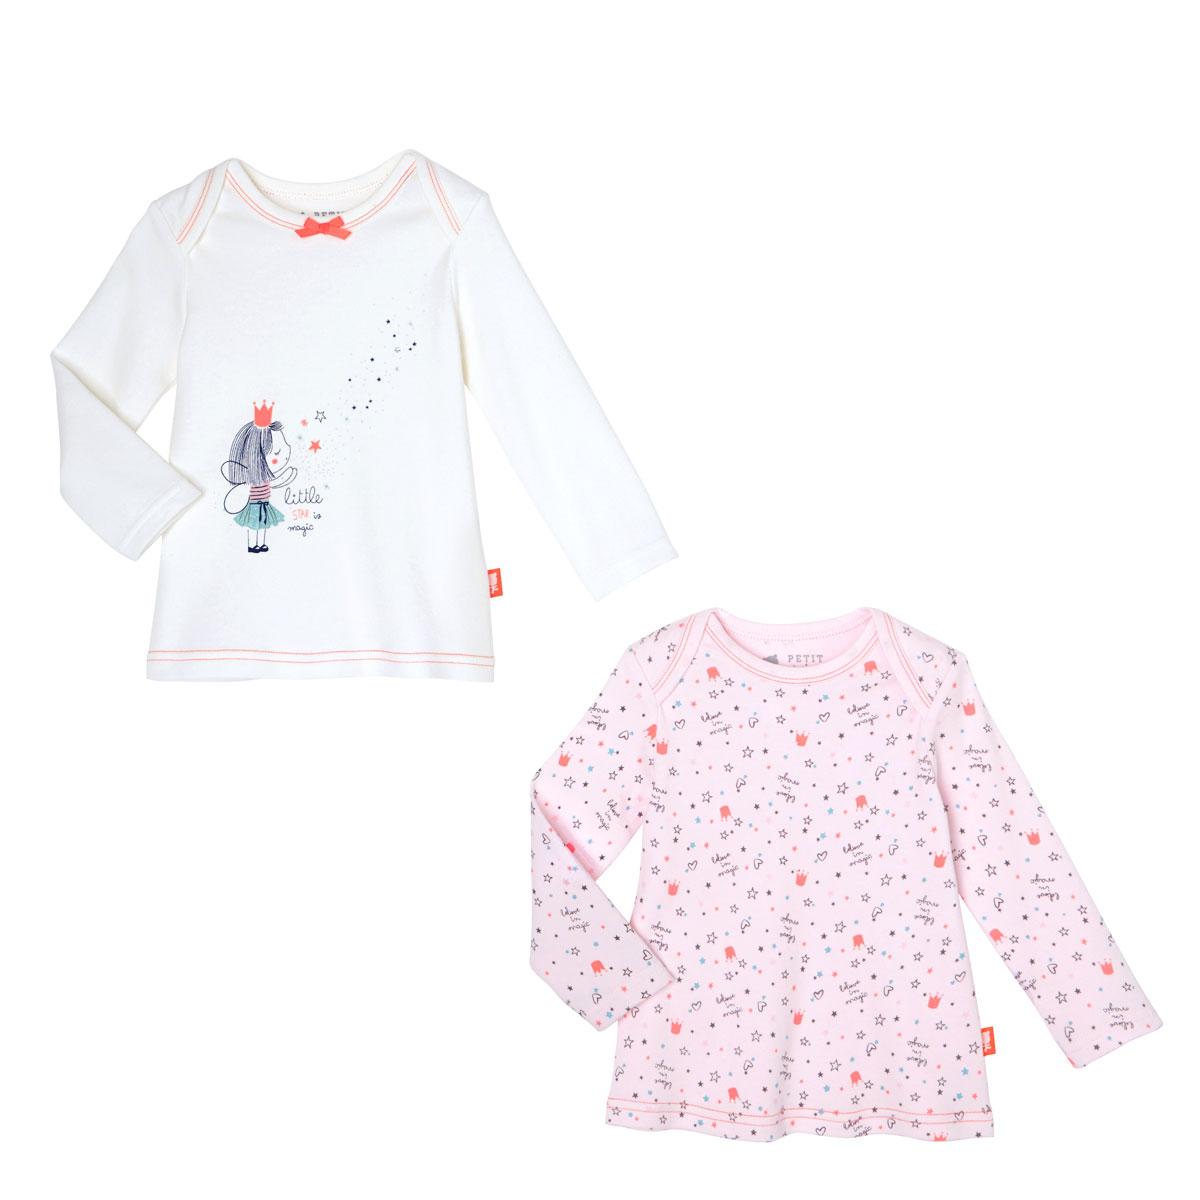 0b04a81e21cd8 Lot de 2 t-shirts manches longues bébé fille Star - PETIT BEGUIN